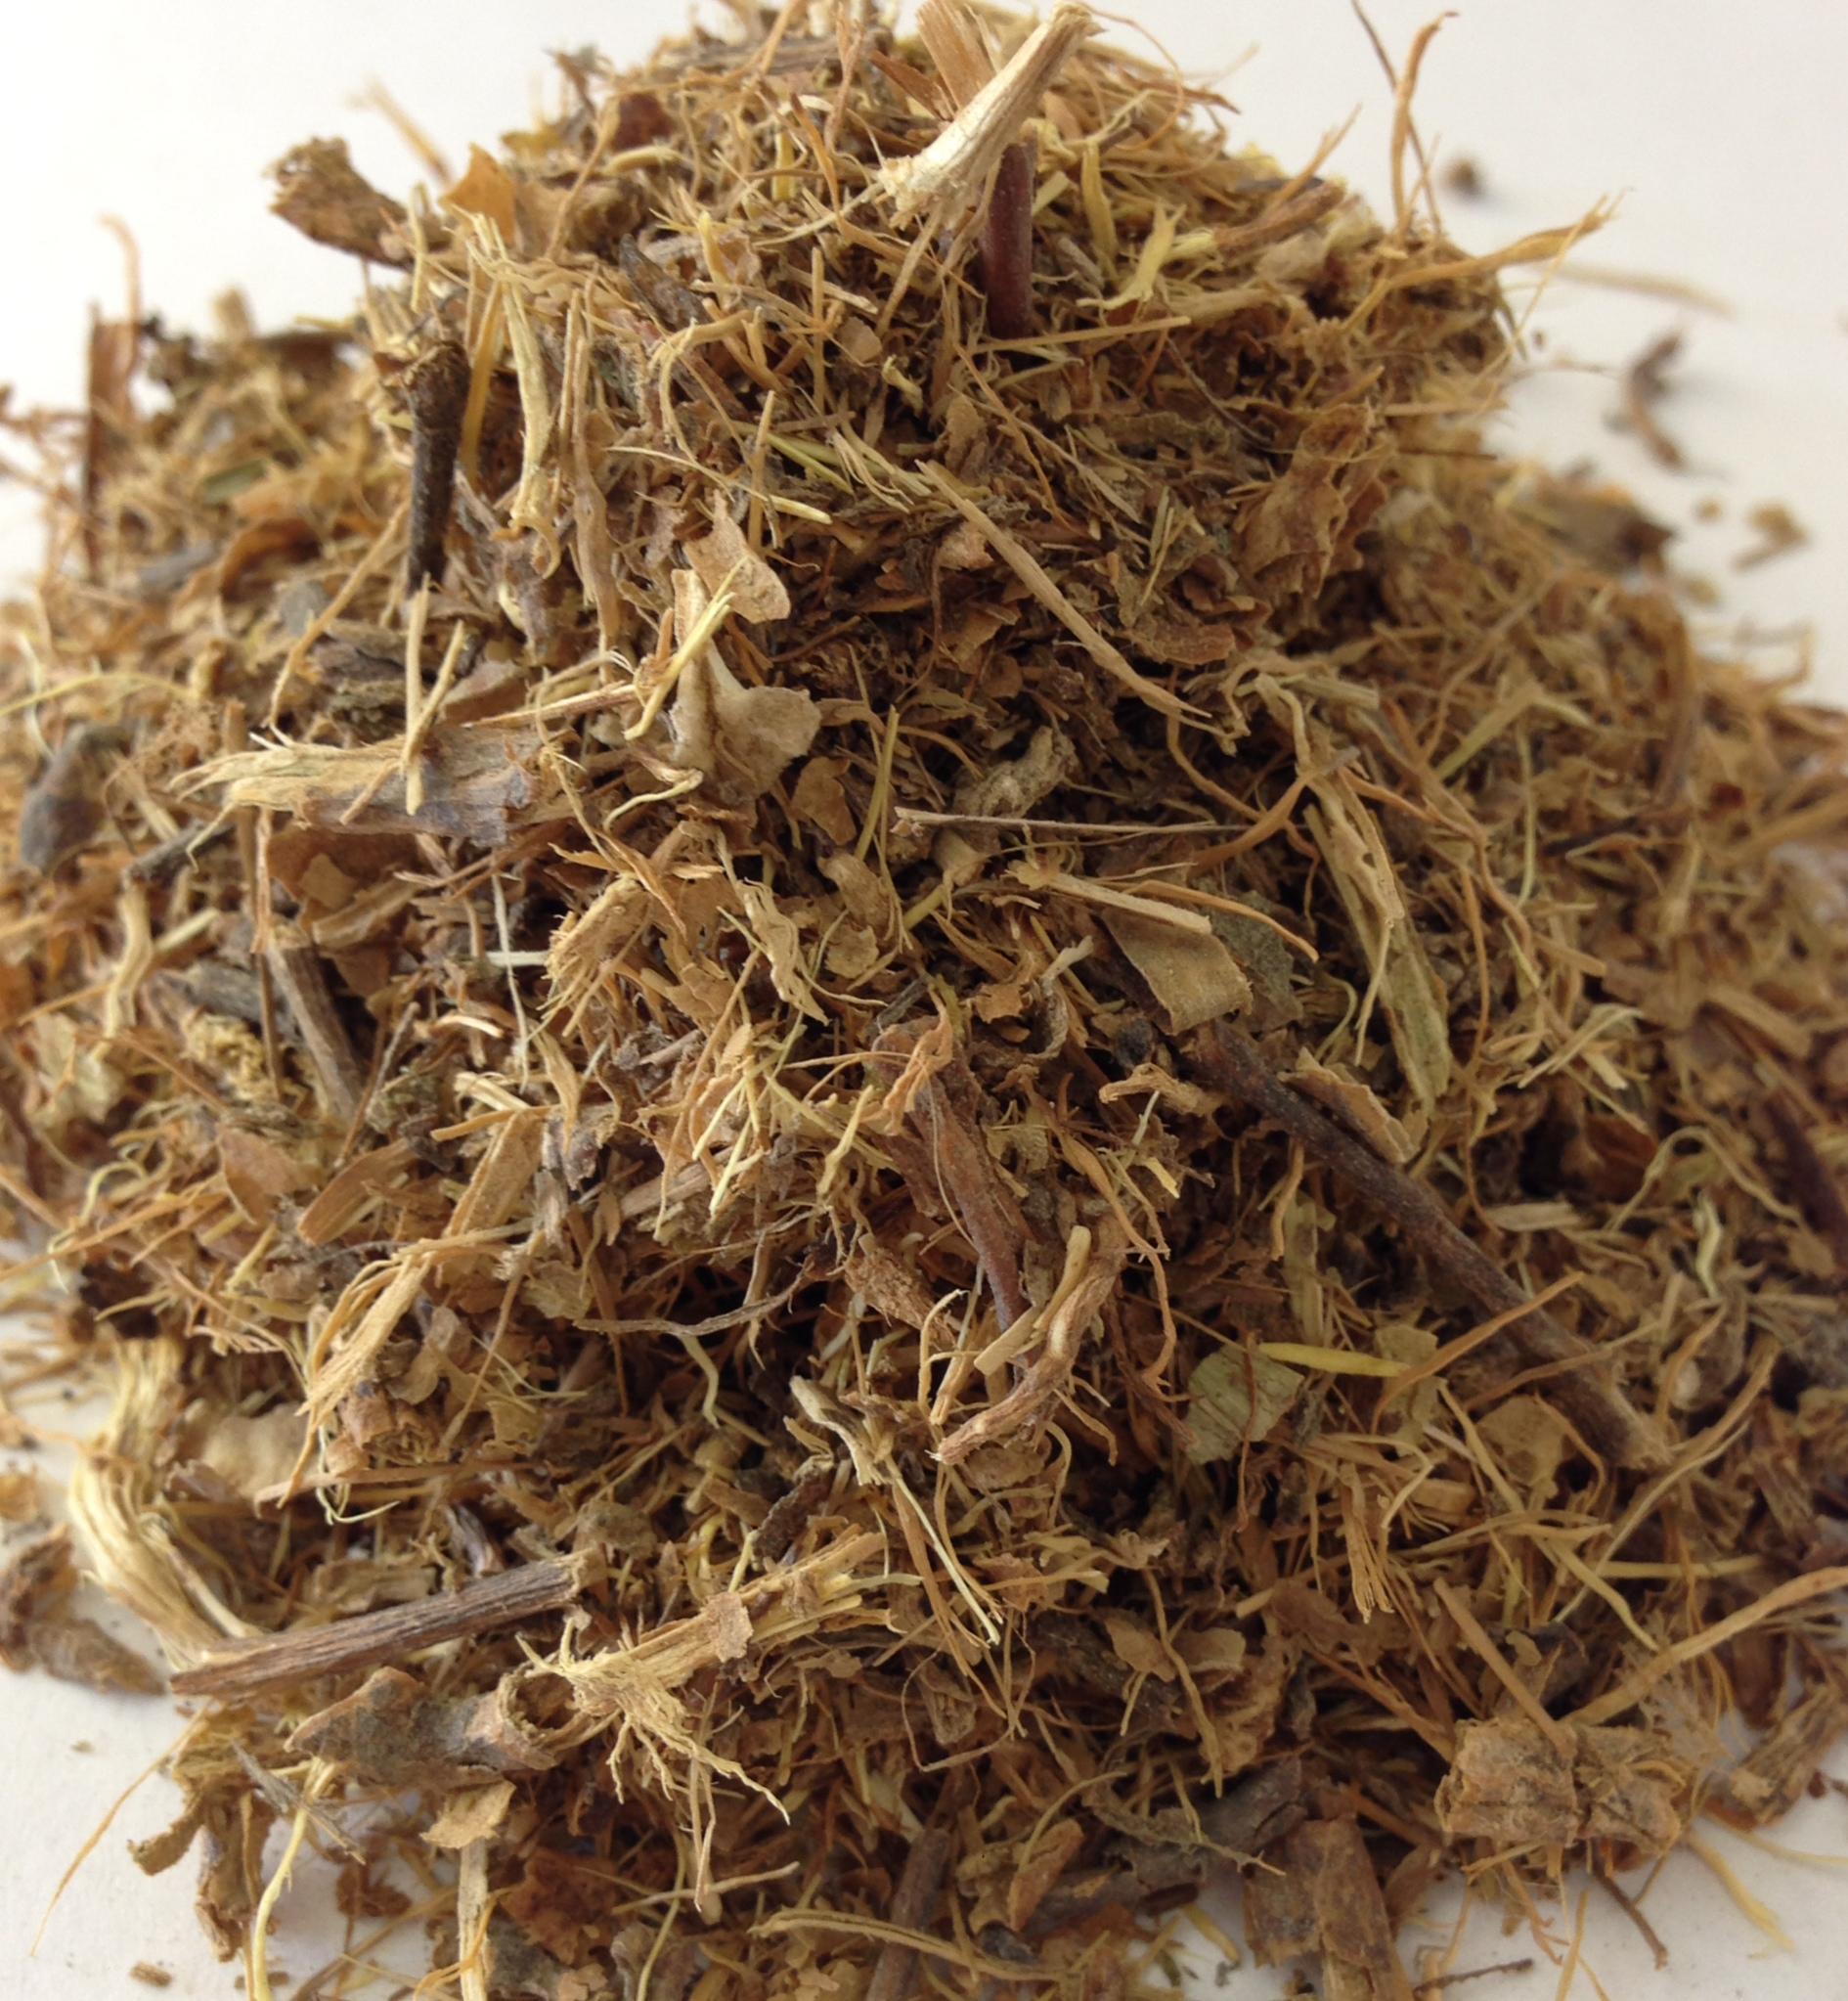 Sceletium tortuosum tea